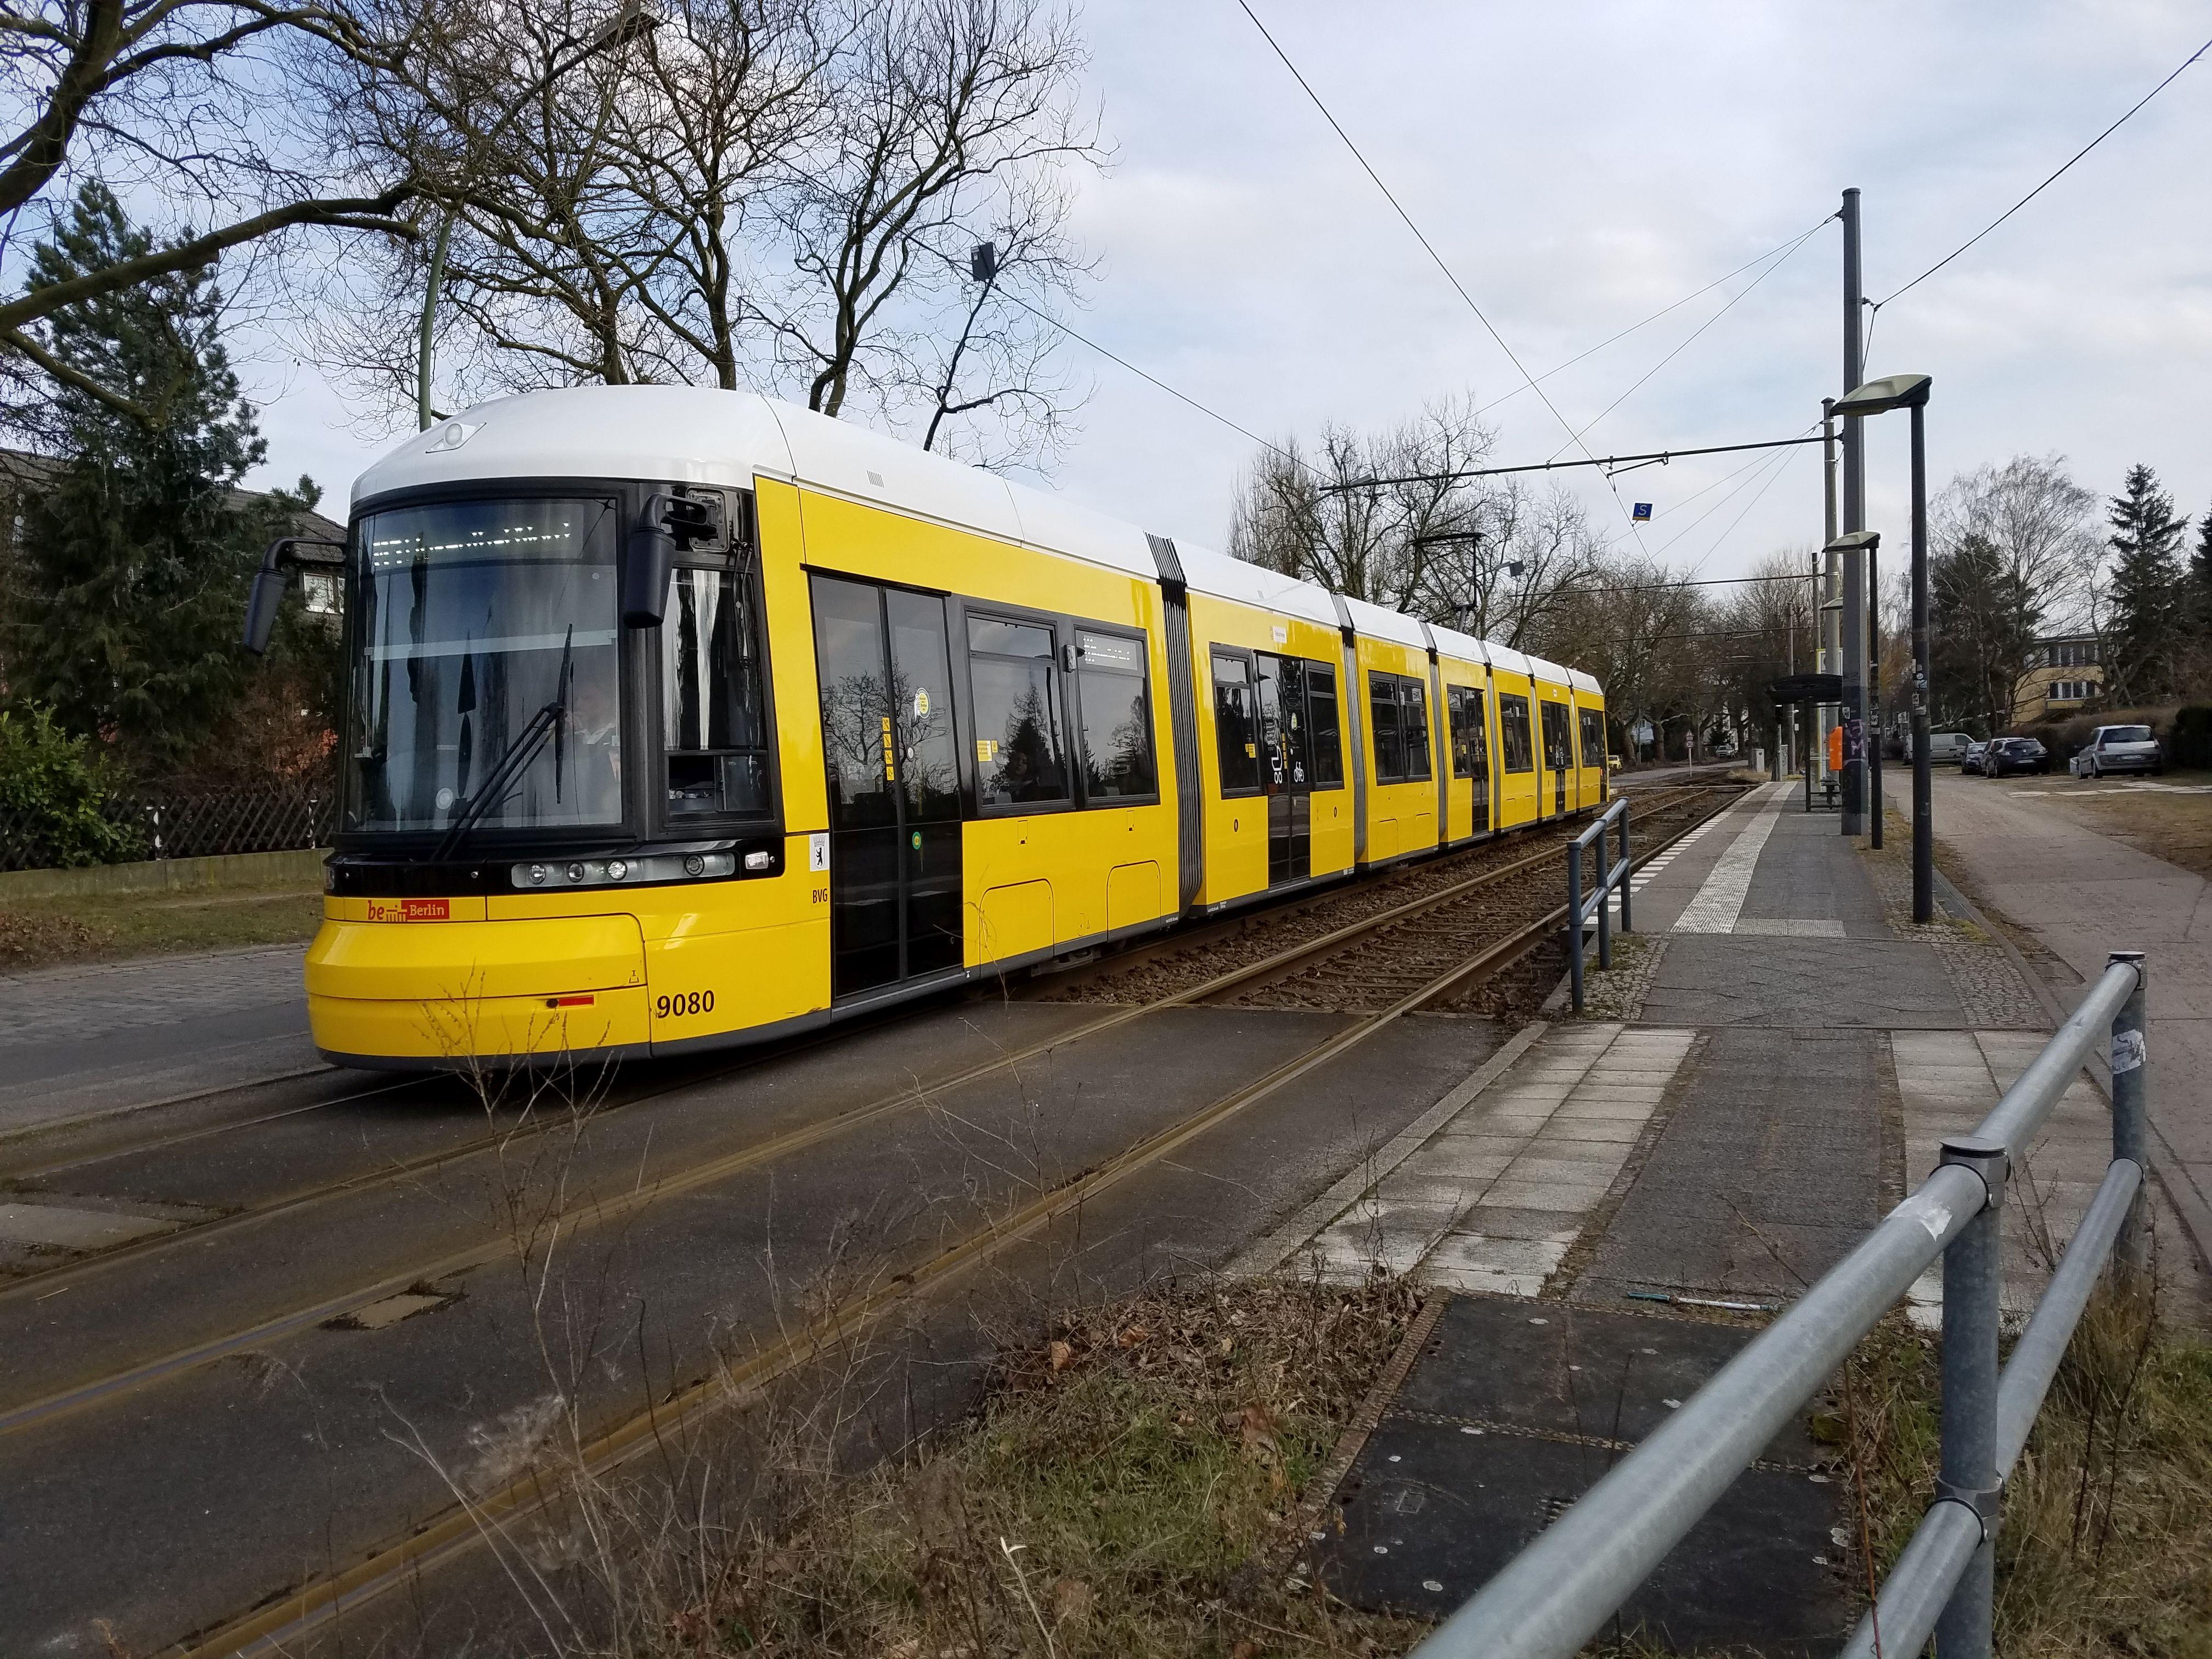 Foto: Straßenbahn 9080, Typ Flexity ZRL, Niederschönhausen, März2018